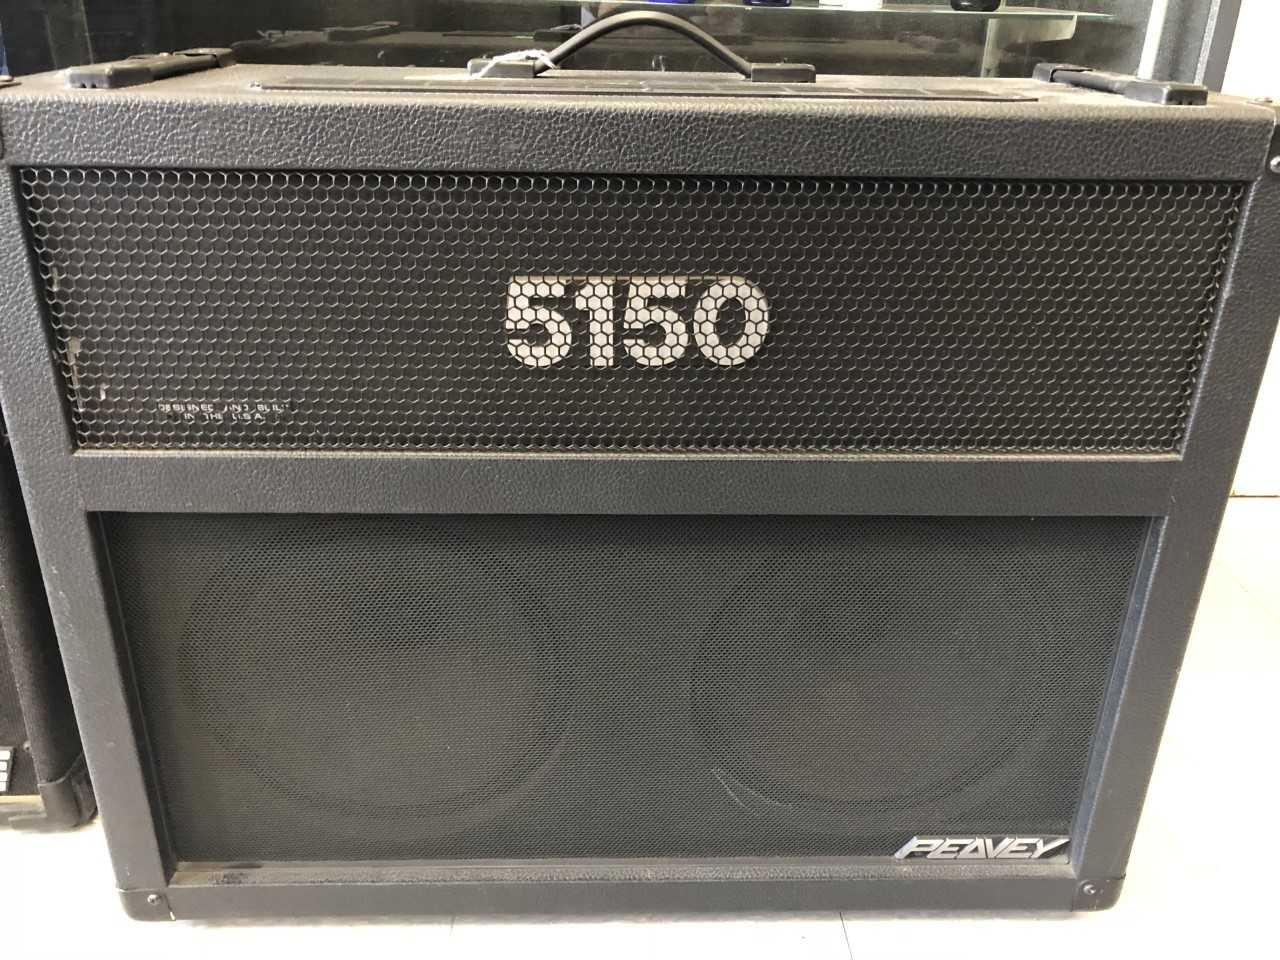 Peavy 5150 Combo